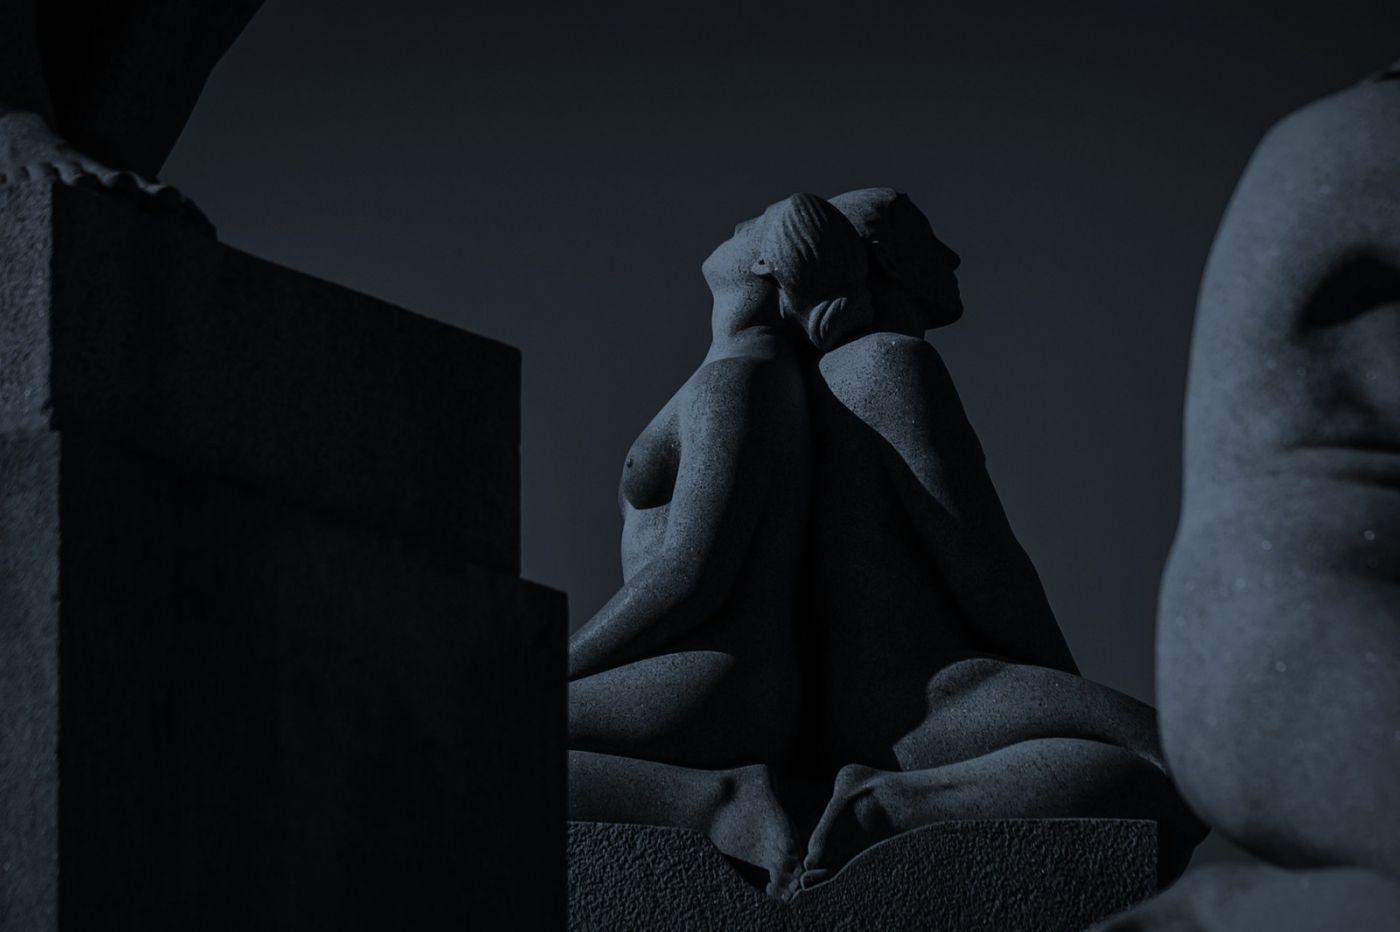 挪威维格兰雕塑公园,艺术的确来自生活_图1-8